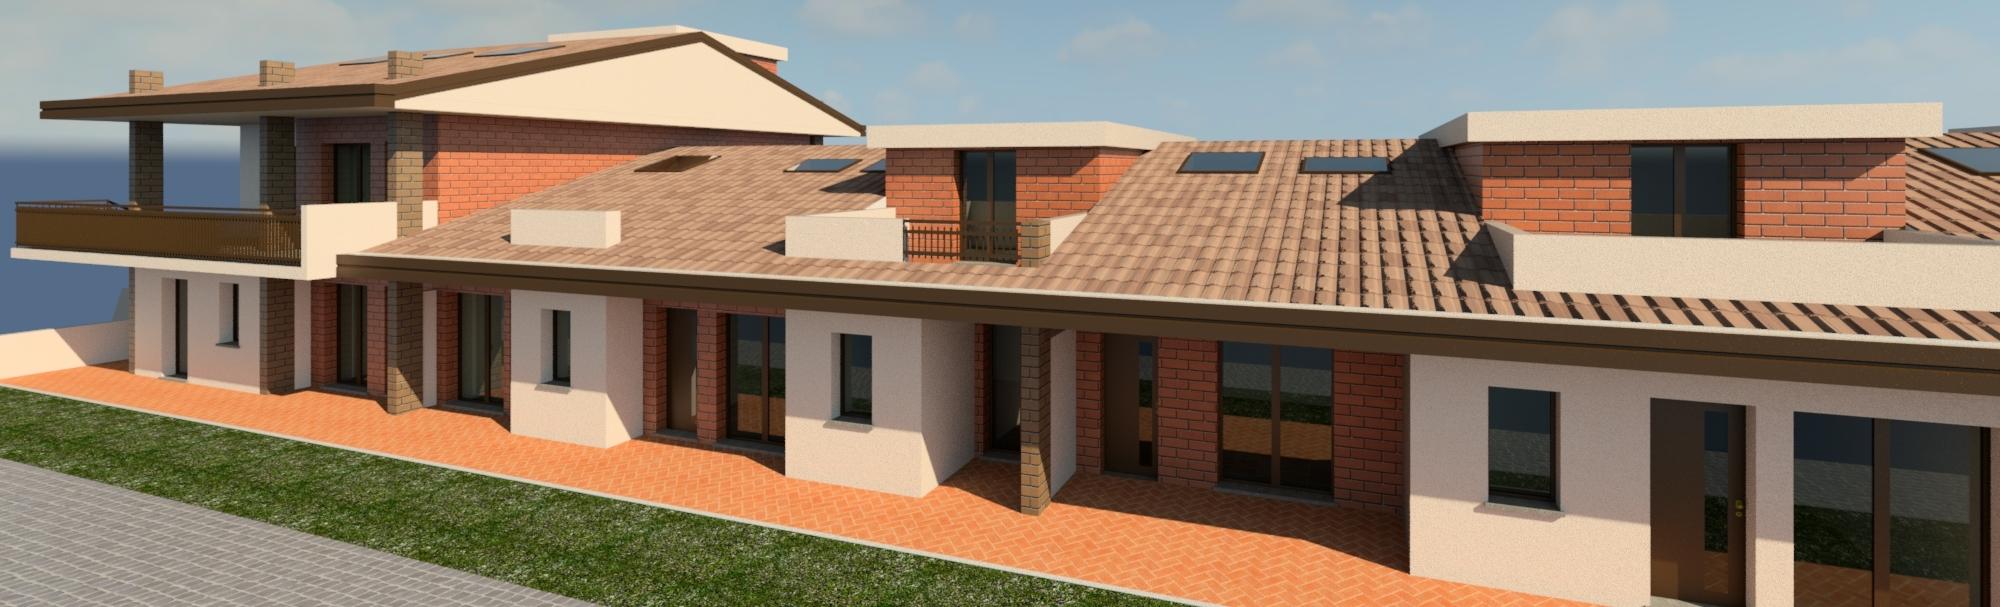 Raas-rendering20141110-12797-iqmm5w